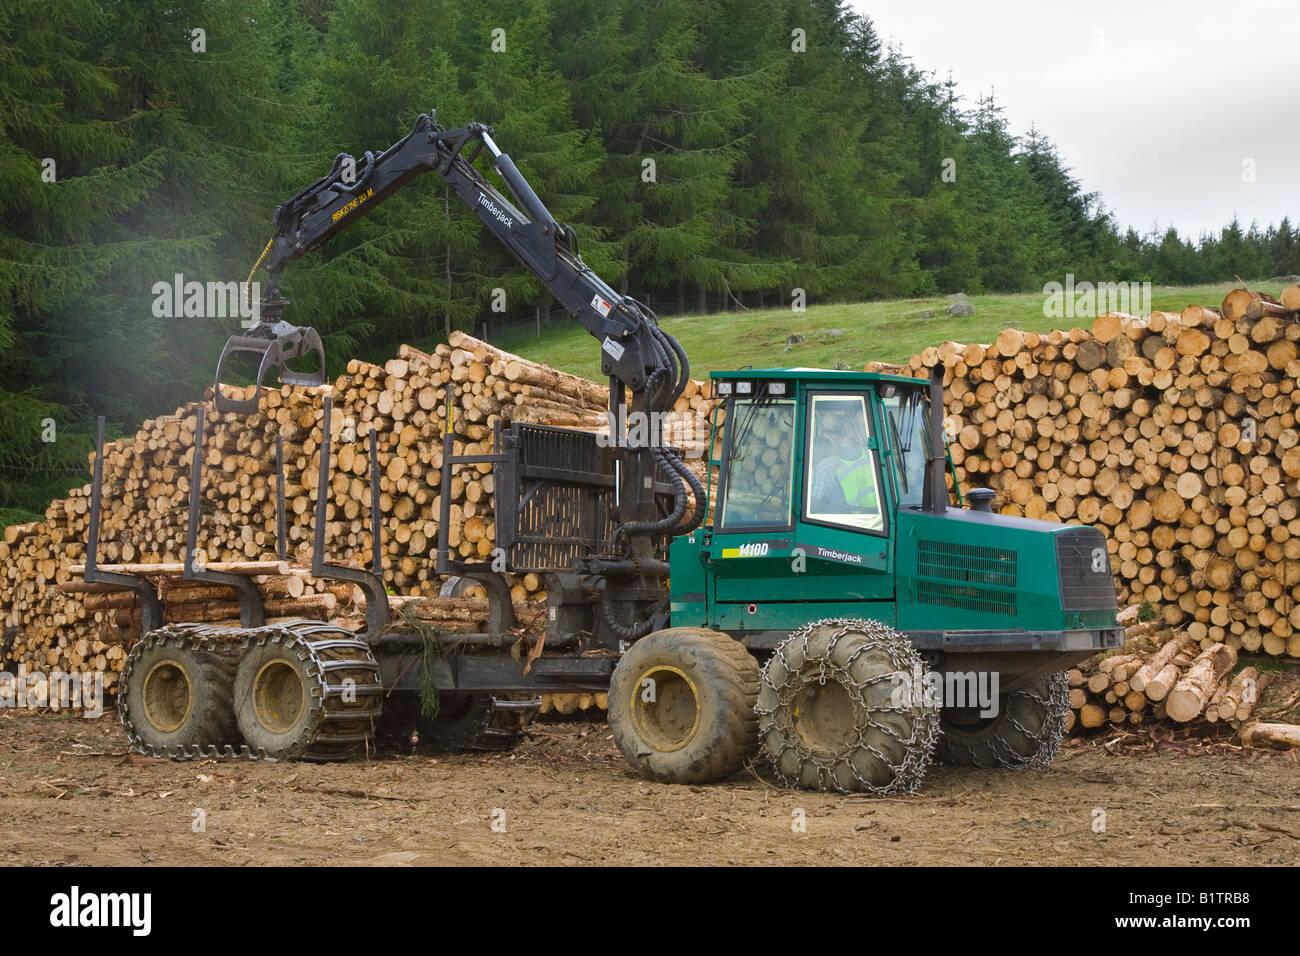 Timberjack Stock Photos & Timberjack Stock Images - Alamy